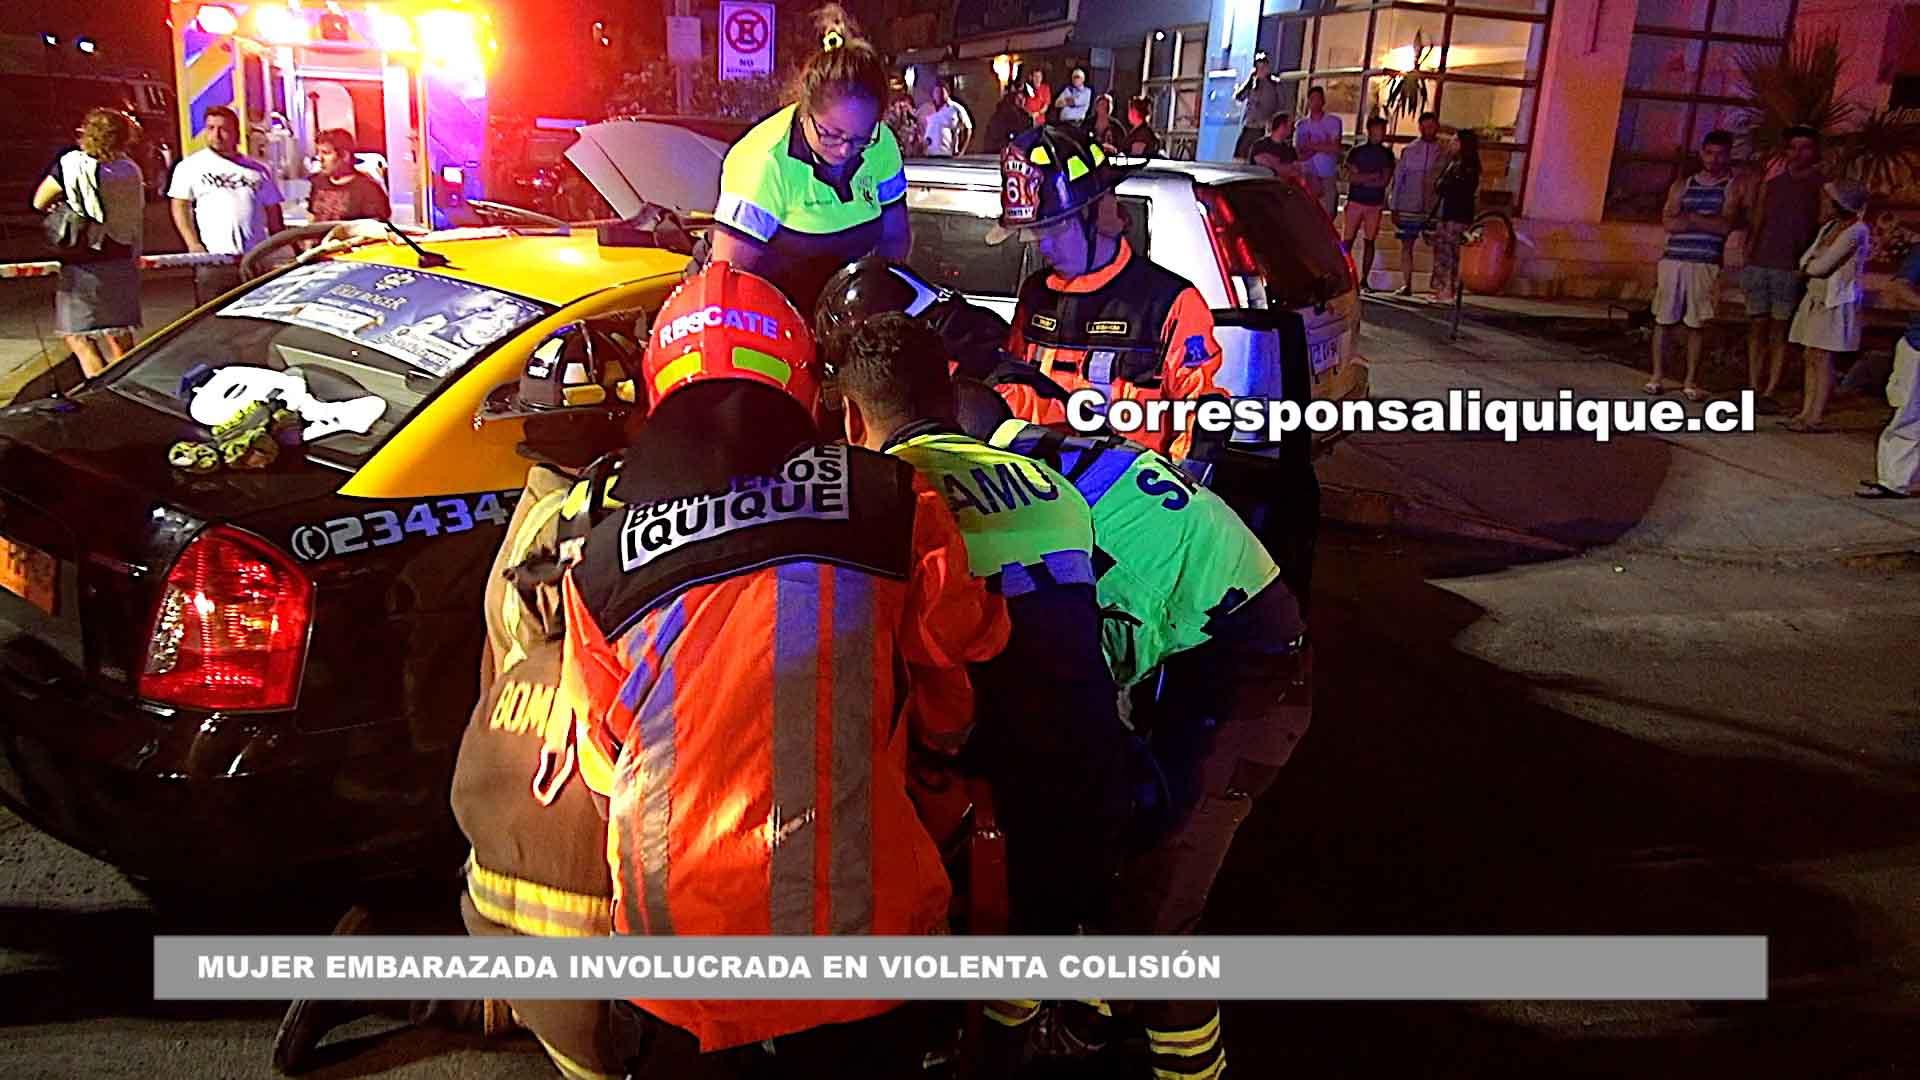 Photo of Mujer embarazada involucrada en violenta colisión